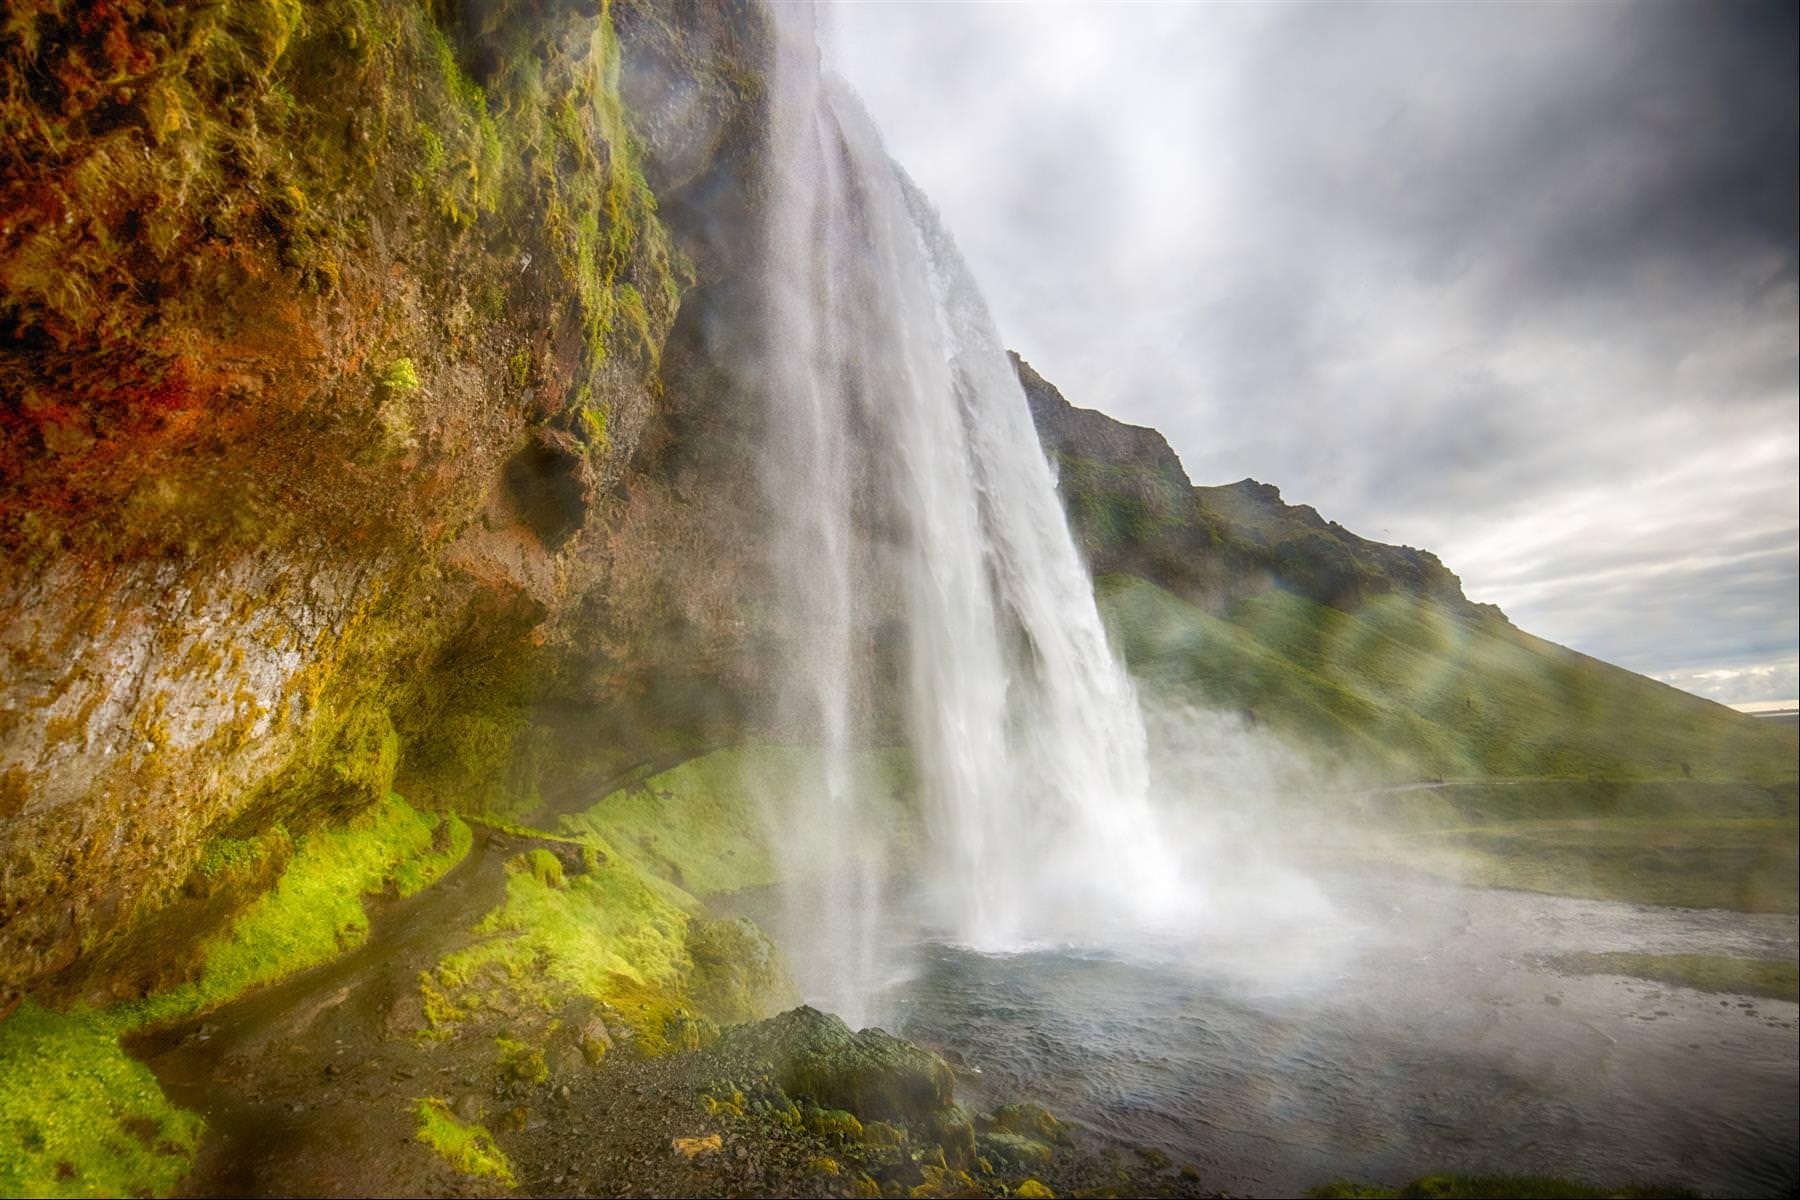 塞里雅蘭瀑布 Seljalandsfoss